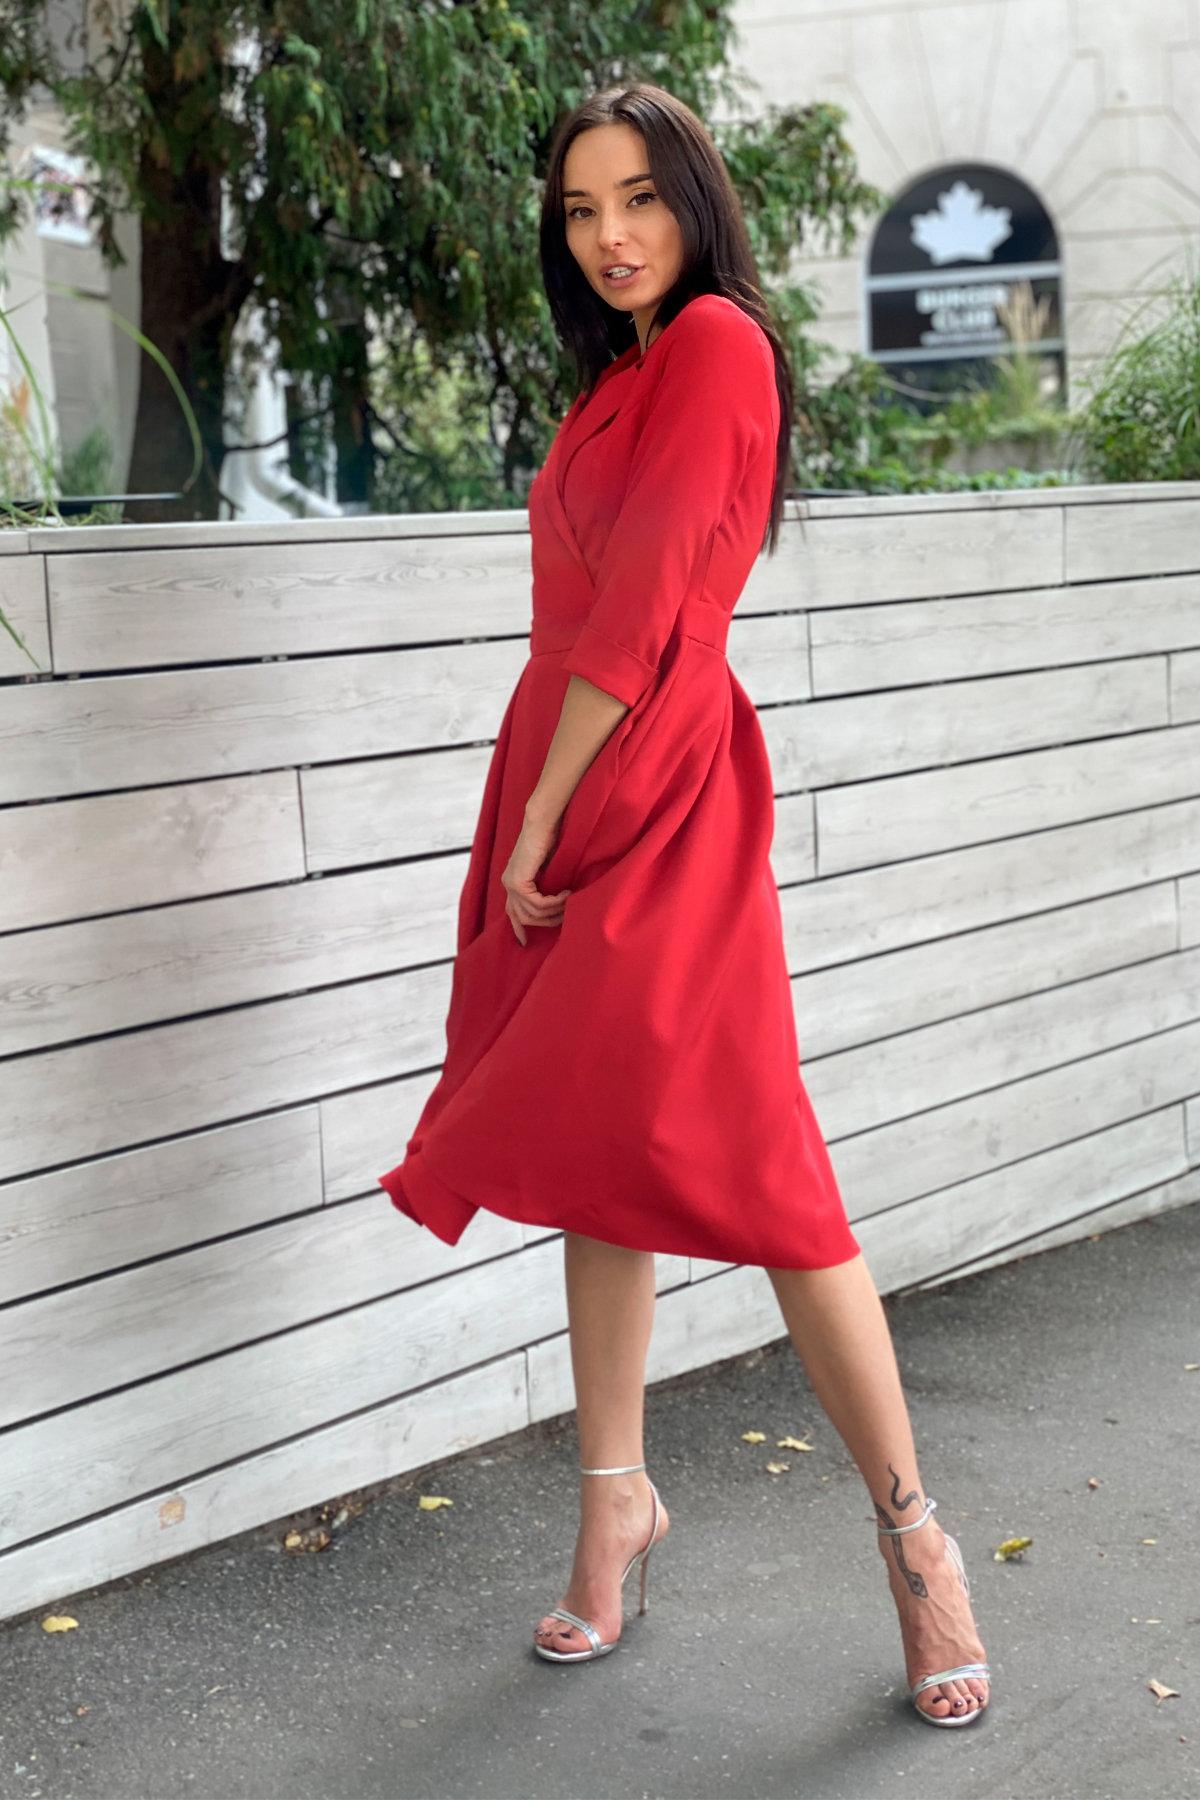 Платье в офис Артего 7832 АРТ. 43767 Цвет: Красный 4 - фото 2, интернет магазин tm-modus.ru